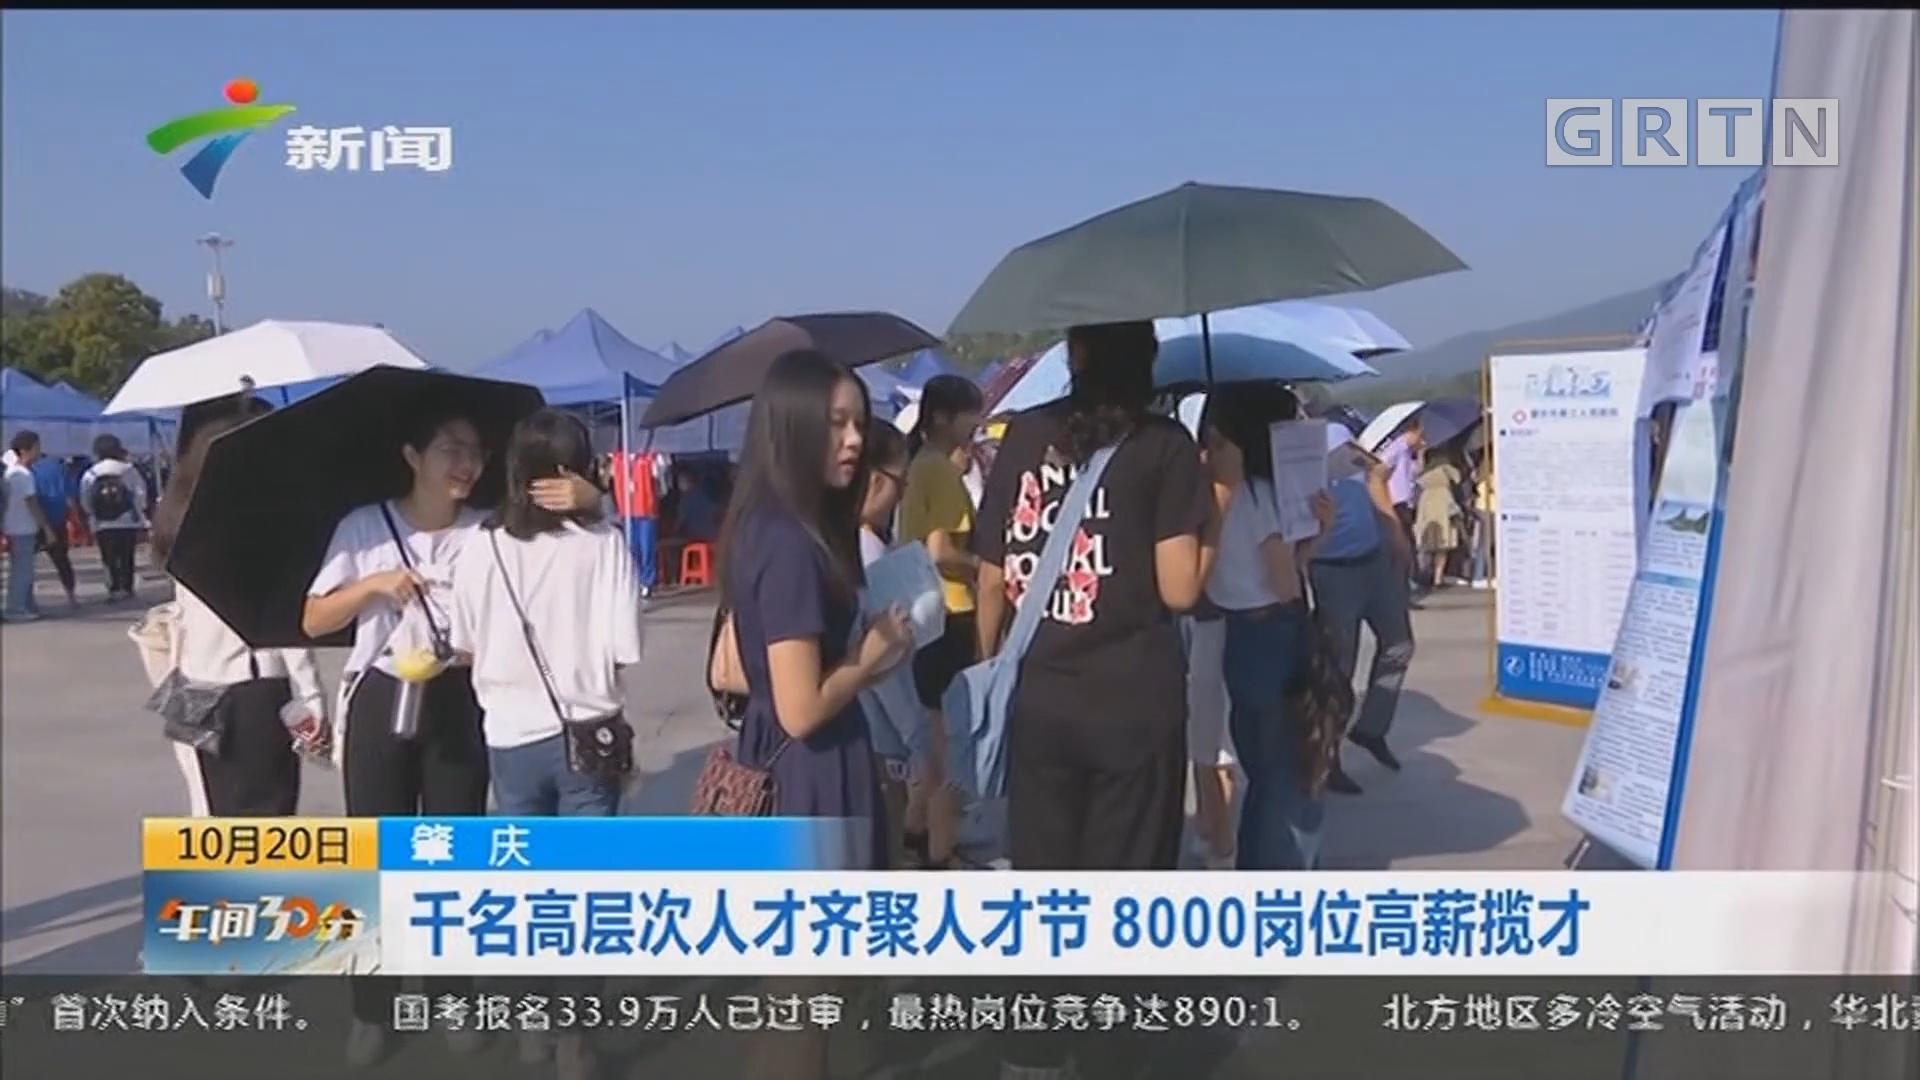 肇庆:千名高层次人才齐聚人才节 8000岗位高薪揽才